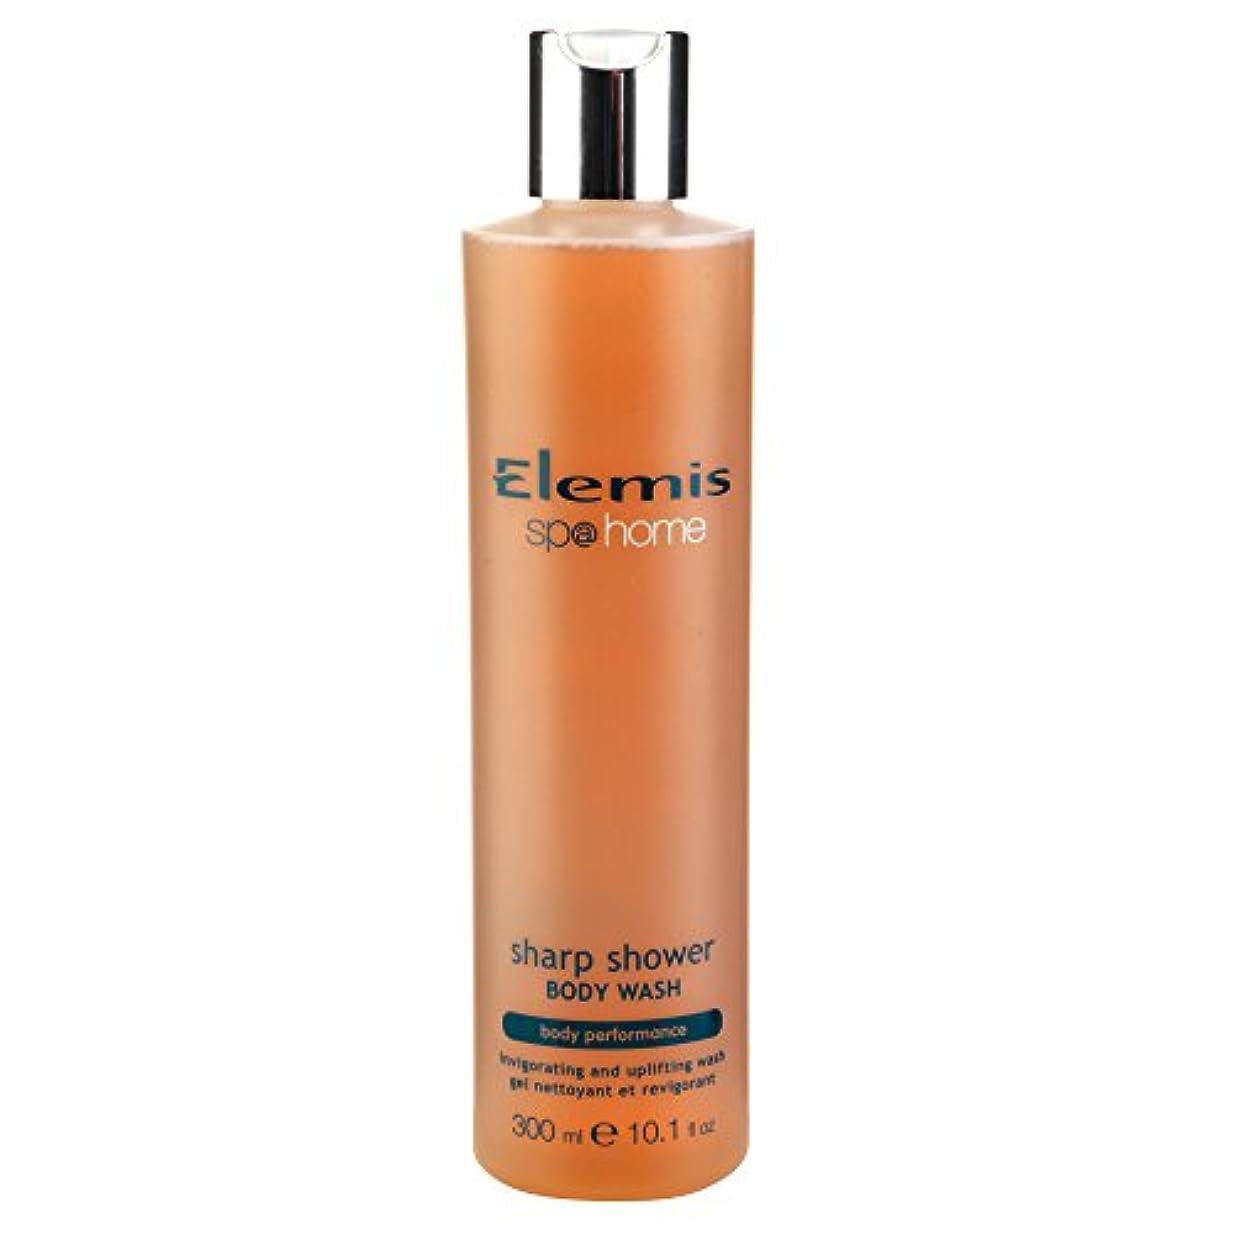 リストアラブサラボ悲惨なエレミスシャープシャワーボディウォッシュ300ミリリットル (Elemis) (x2) - Elemis Sharp Shower Body Wash 300ml (Pack of 2) [並行輸入品]